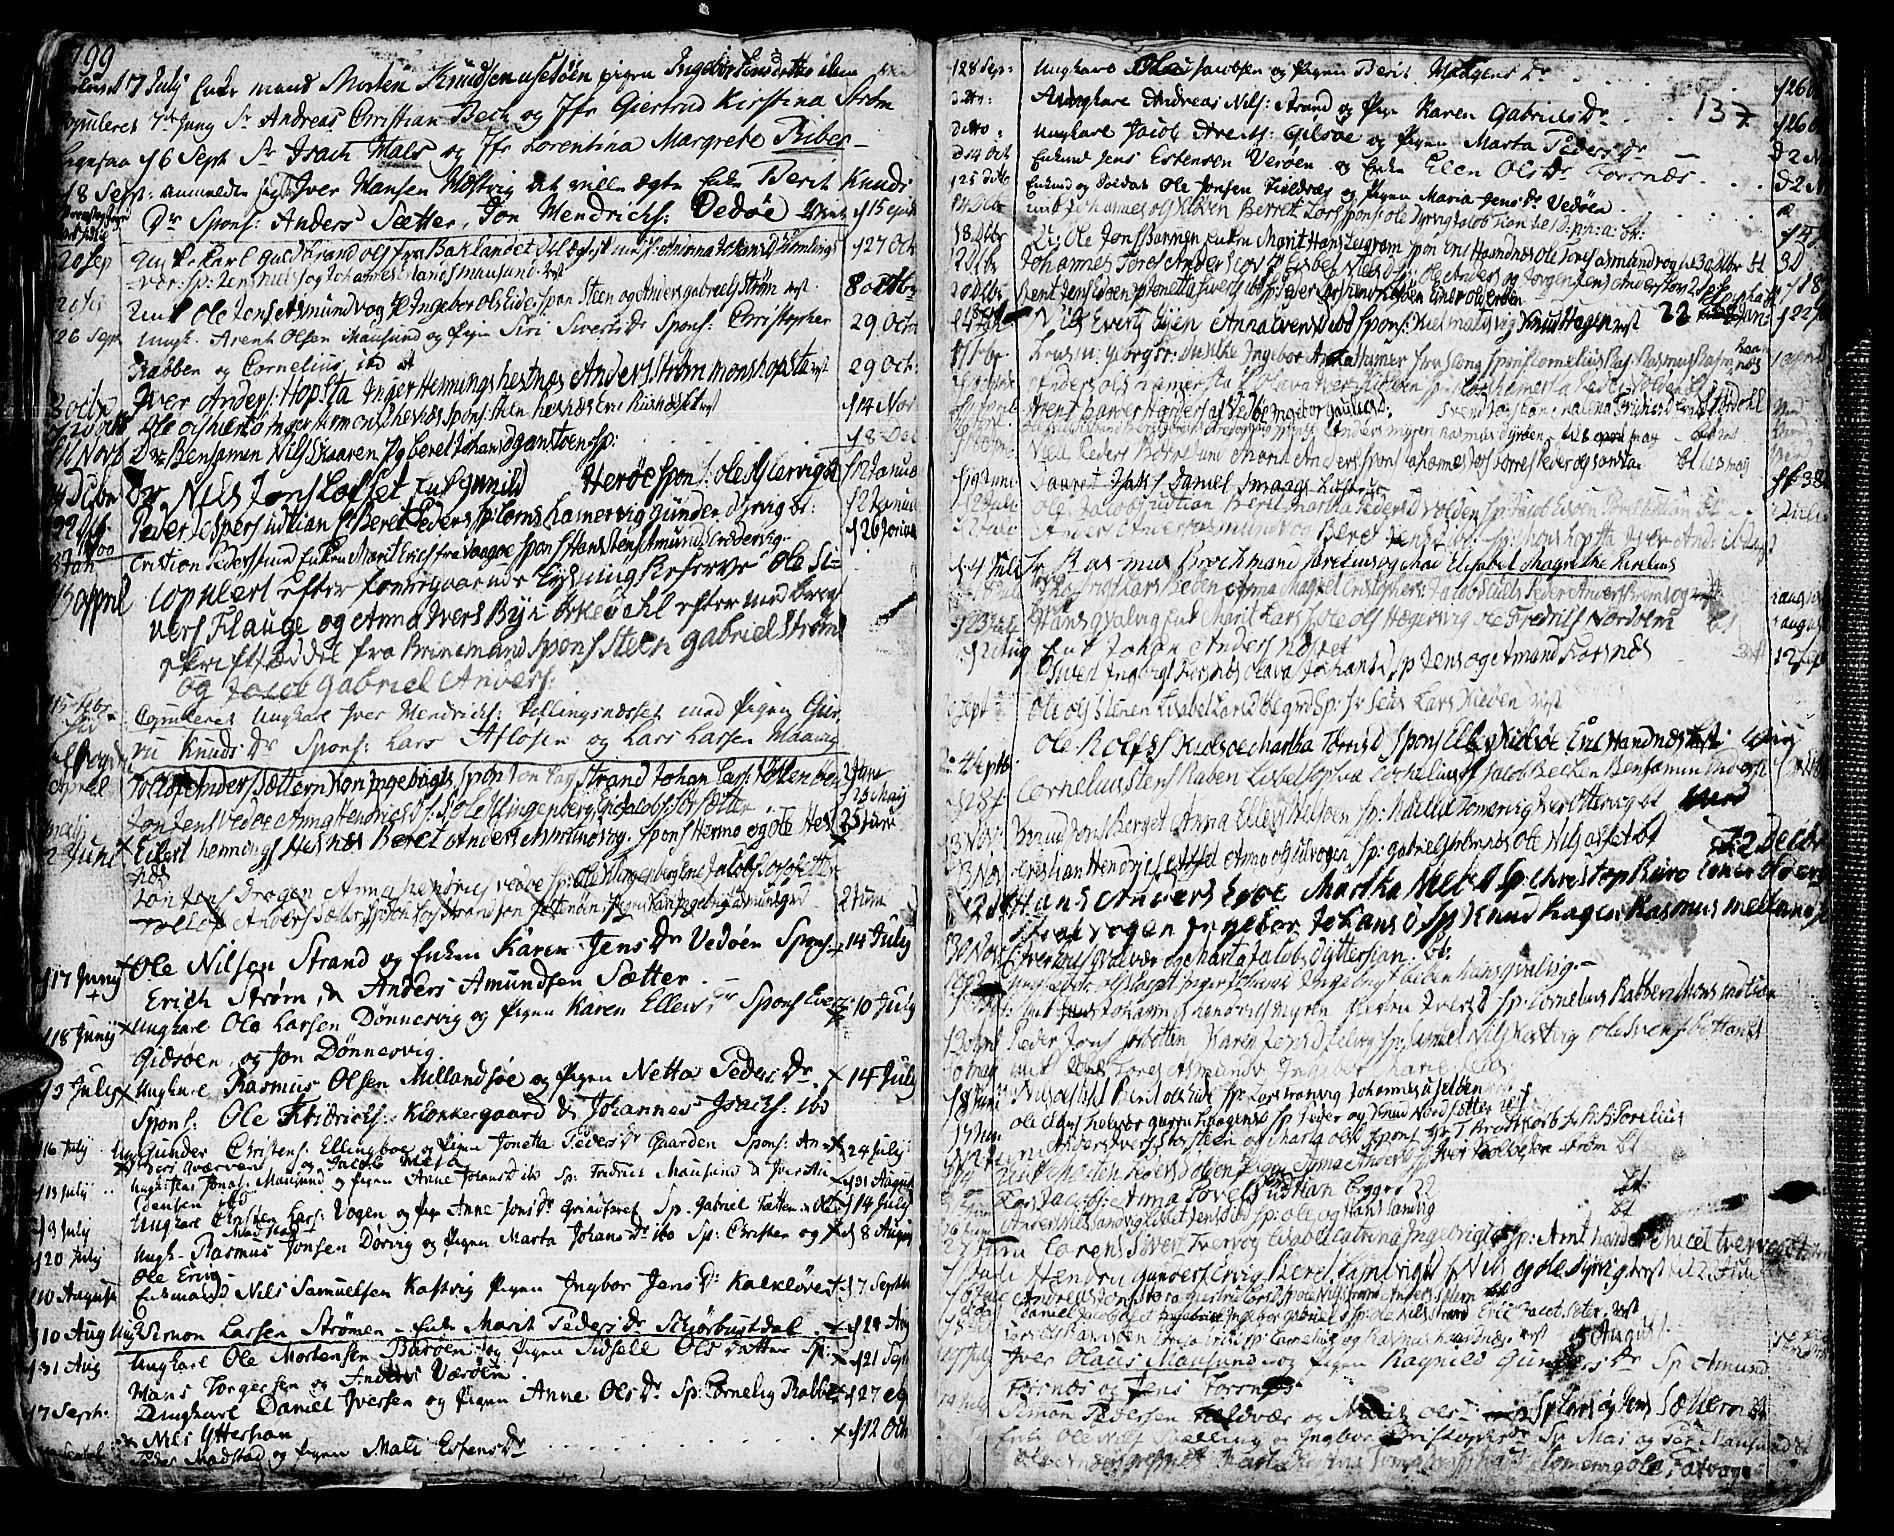 SAT, Ministerialprotokoller, klokkerbøker og fødselsregistre - Sør-Trøndelag, 634/L0526: Ministerialbok nr. 634A02, 1775-1818, s. 137